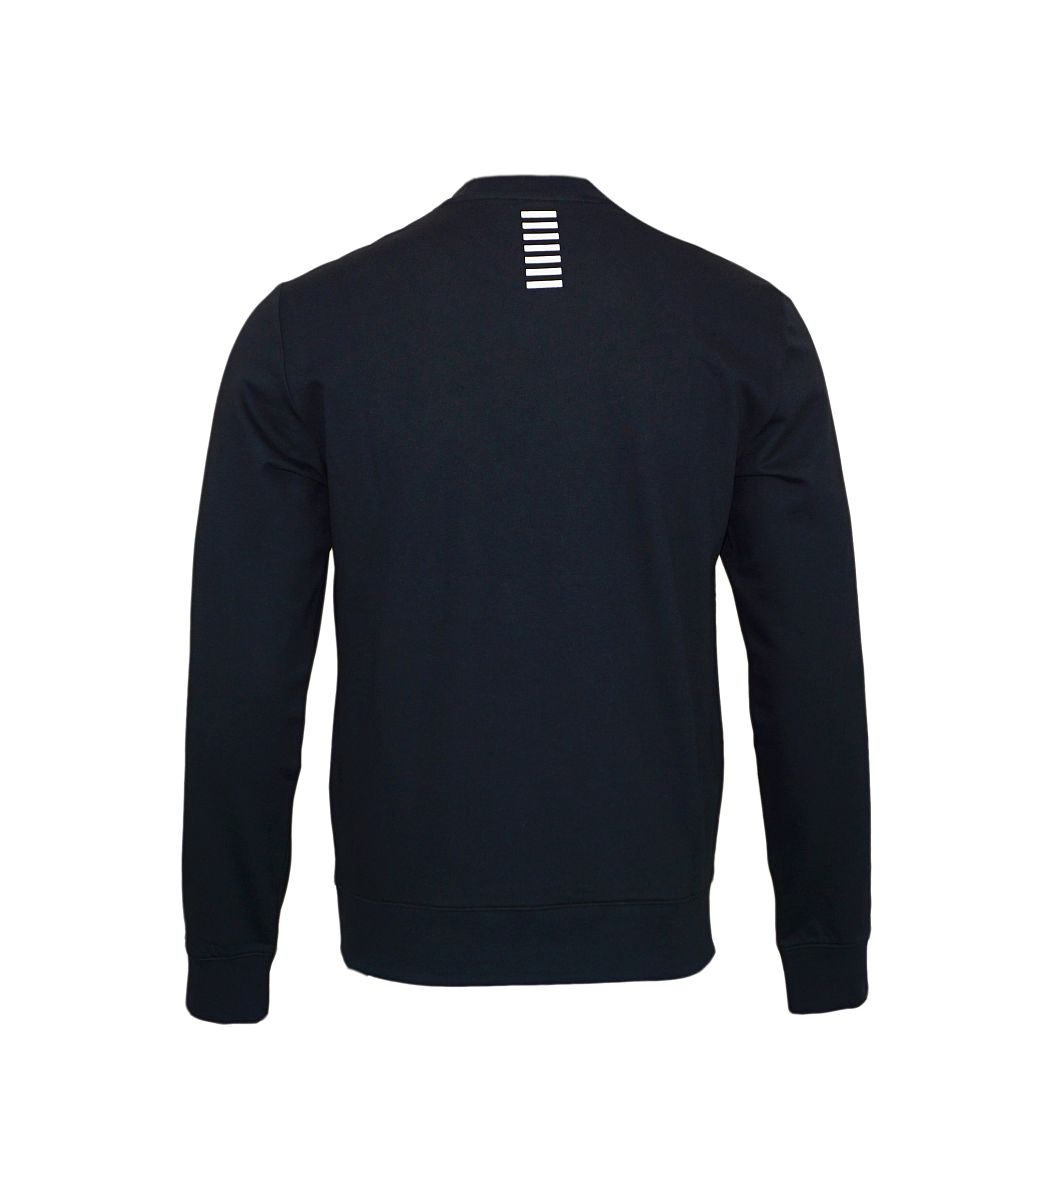 EA7 Emporio Armani Pullover Sweatshirt Rundhals 6YPM52 PJ05Z 1578 Night Blue HW17-EAP1